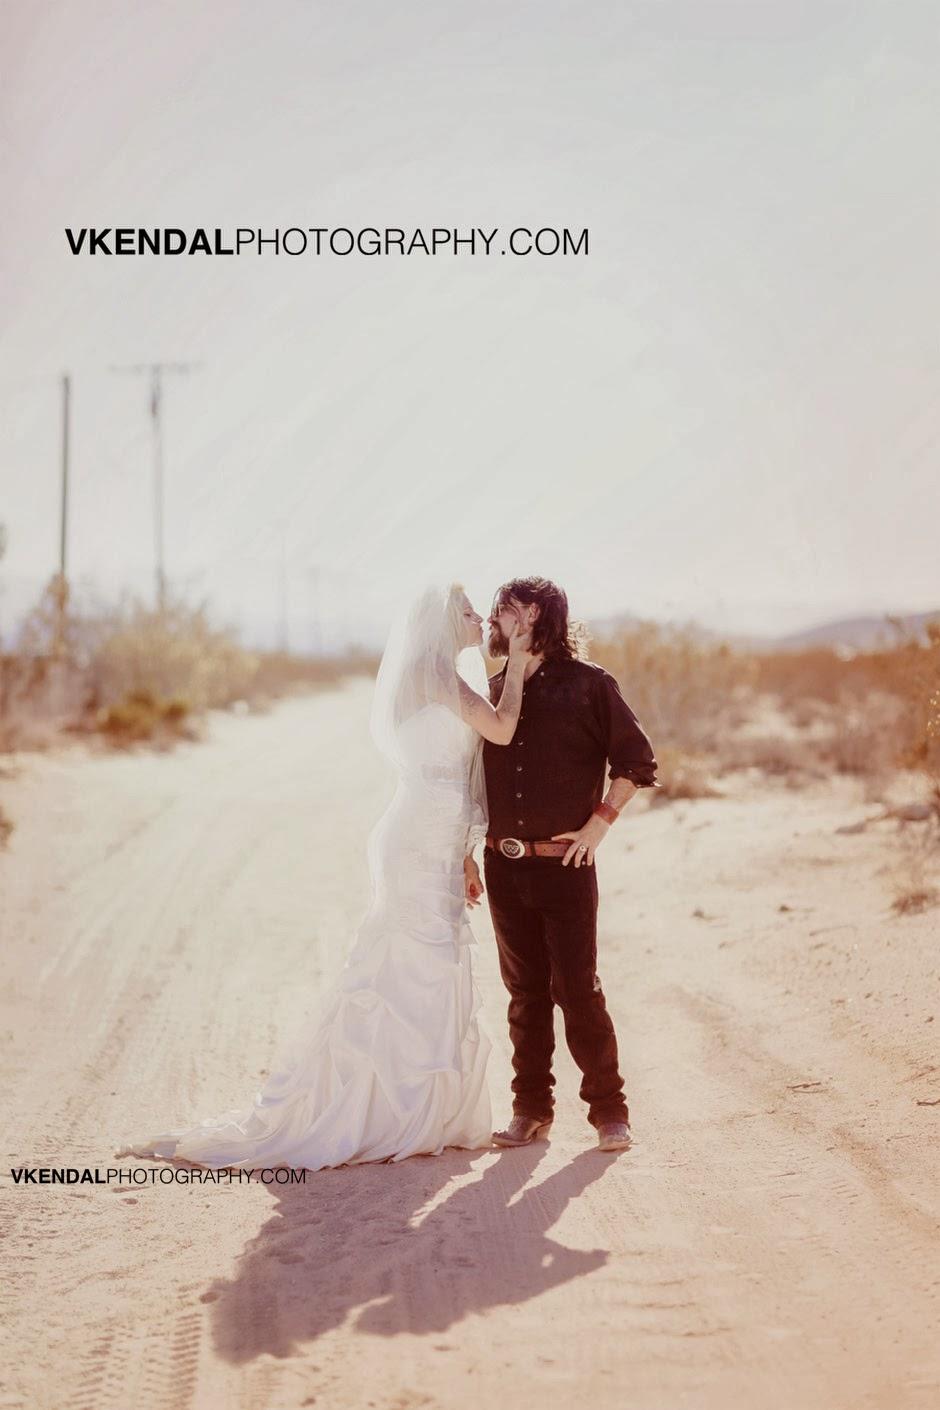 V. Kendal Photography: Shooter Waylon Jennings & Misty ...